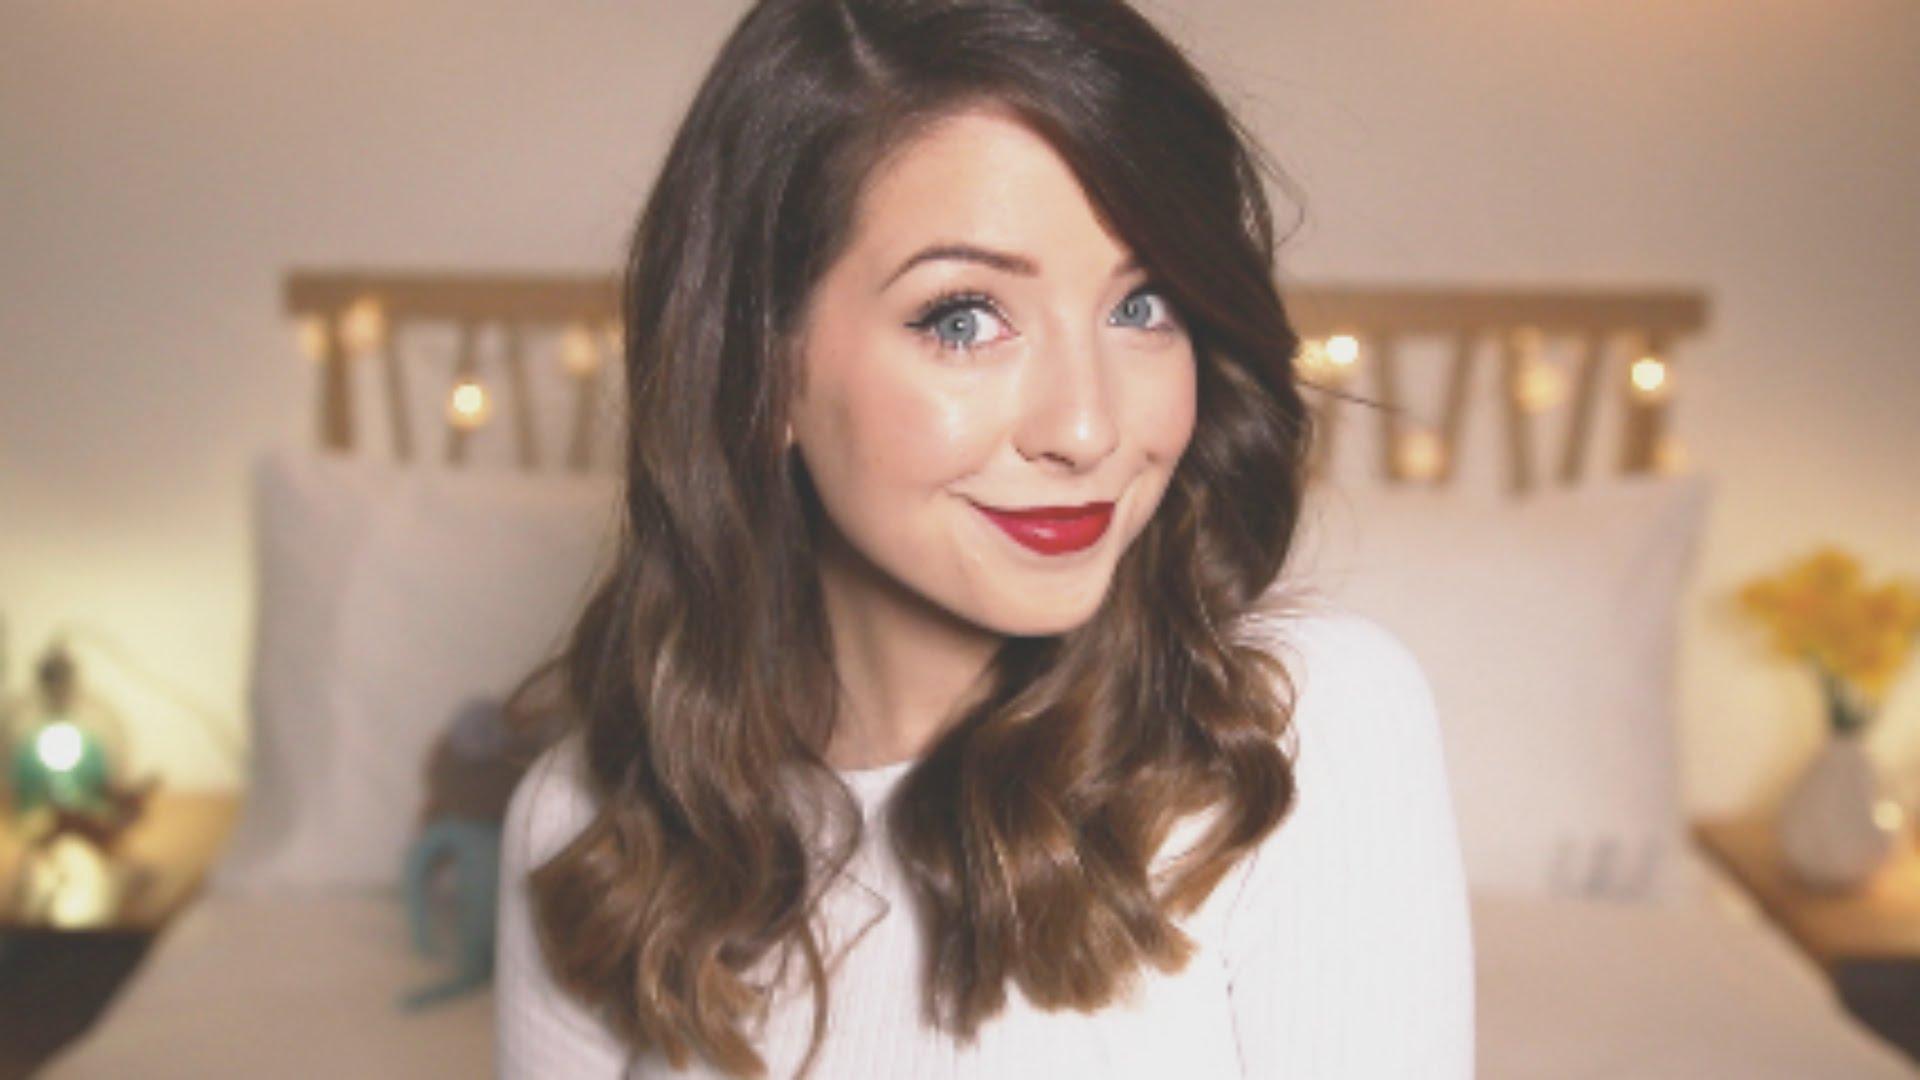 Zoella vlogger